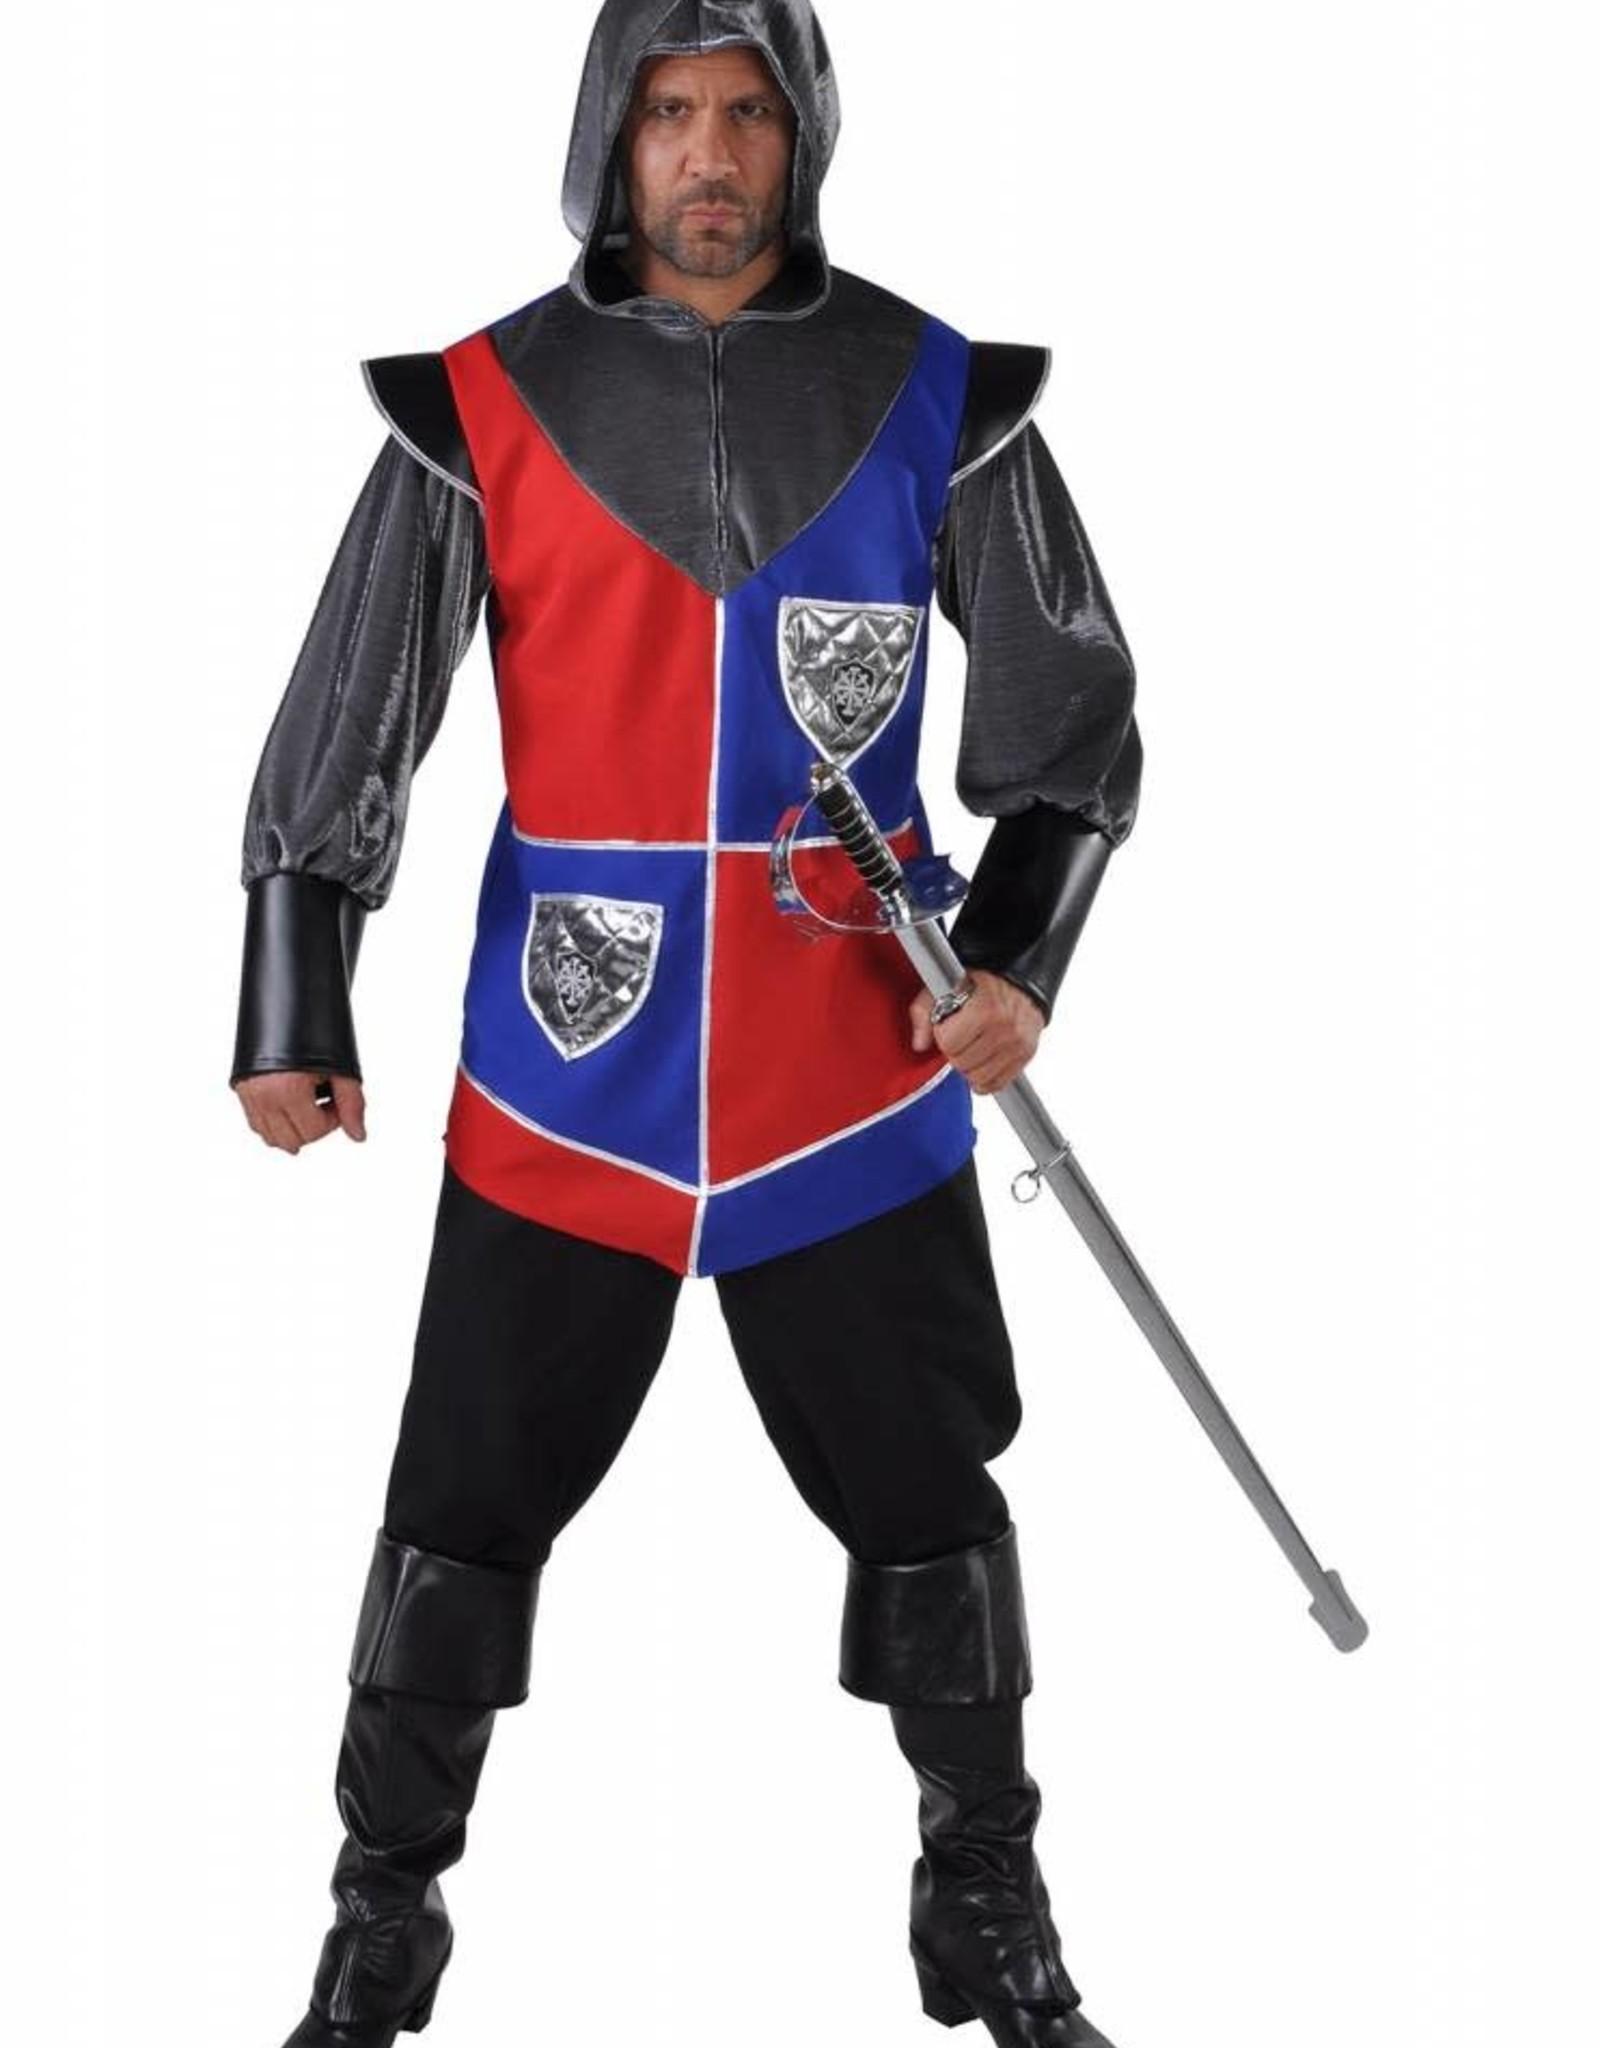 MAGIC ridder huurprijs € 20